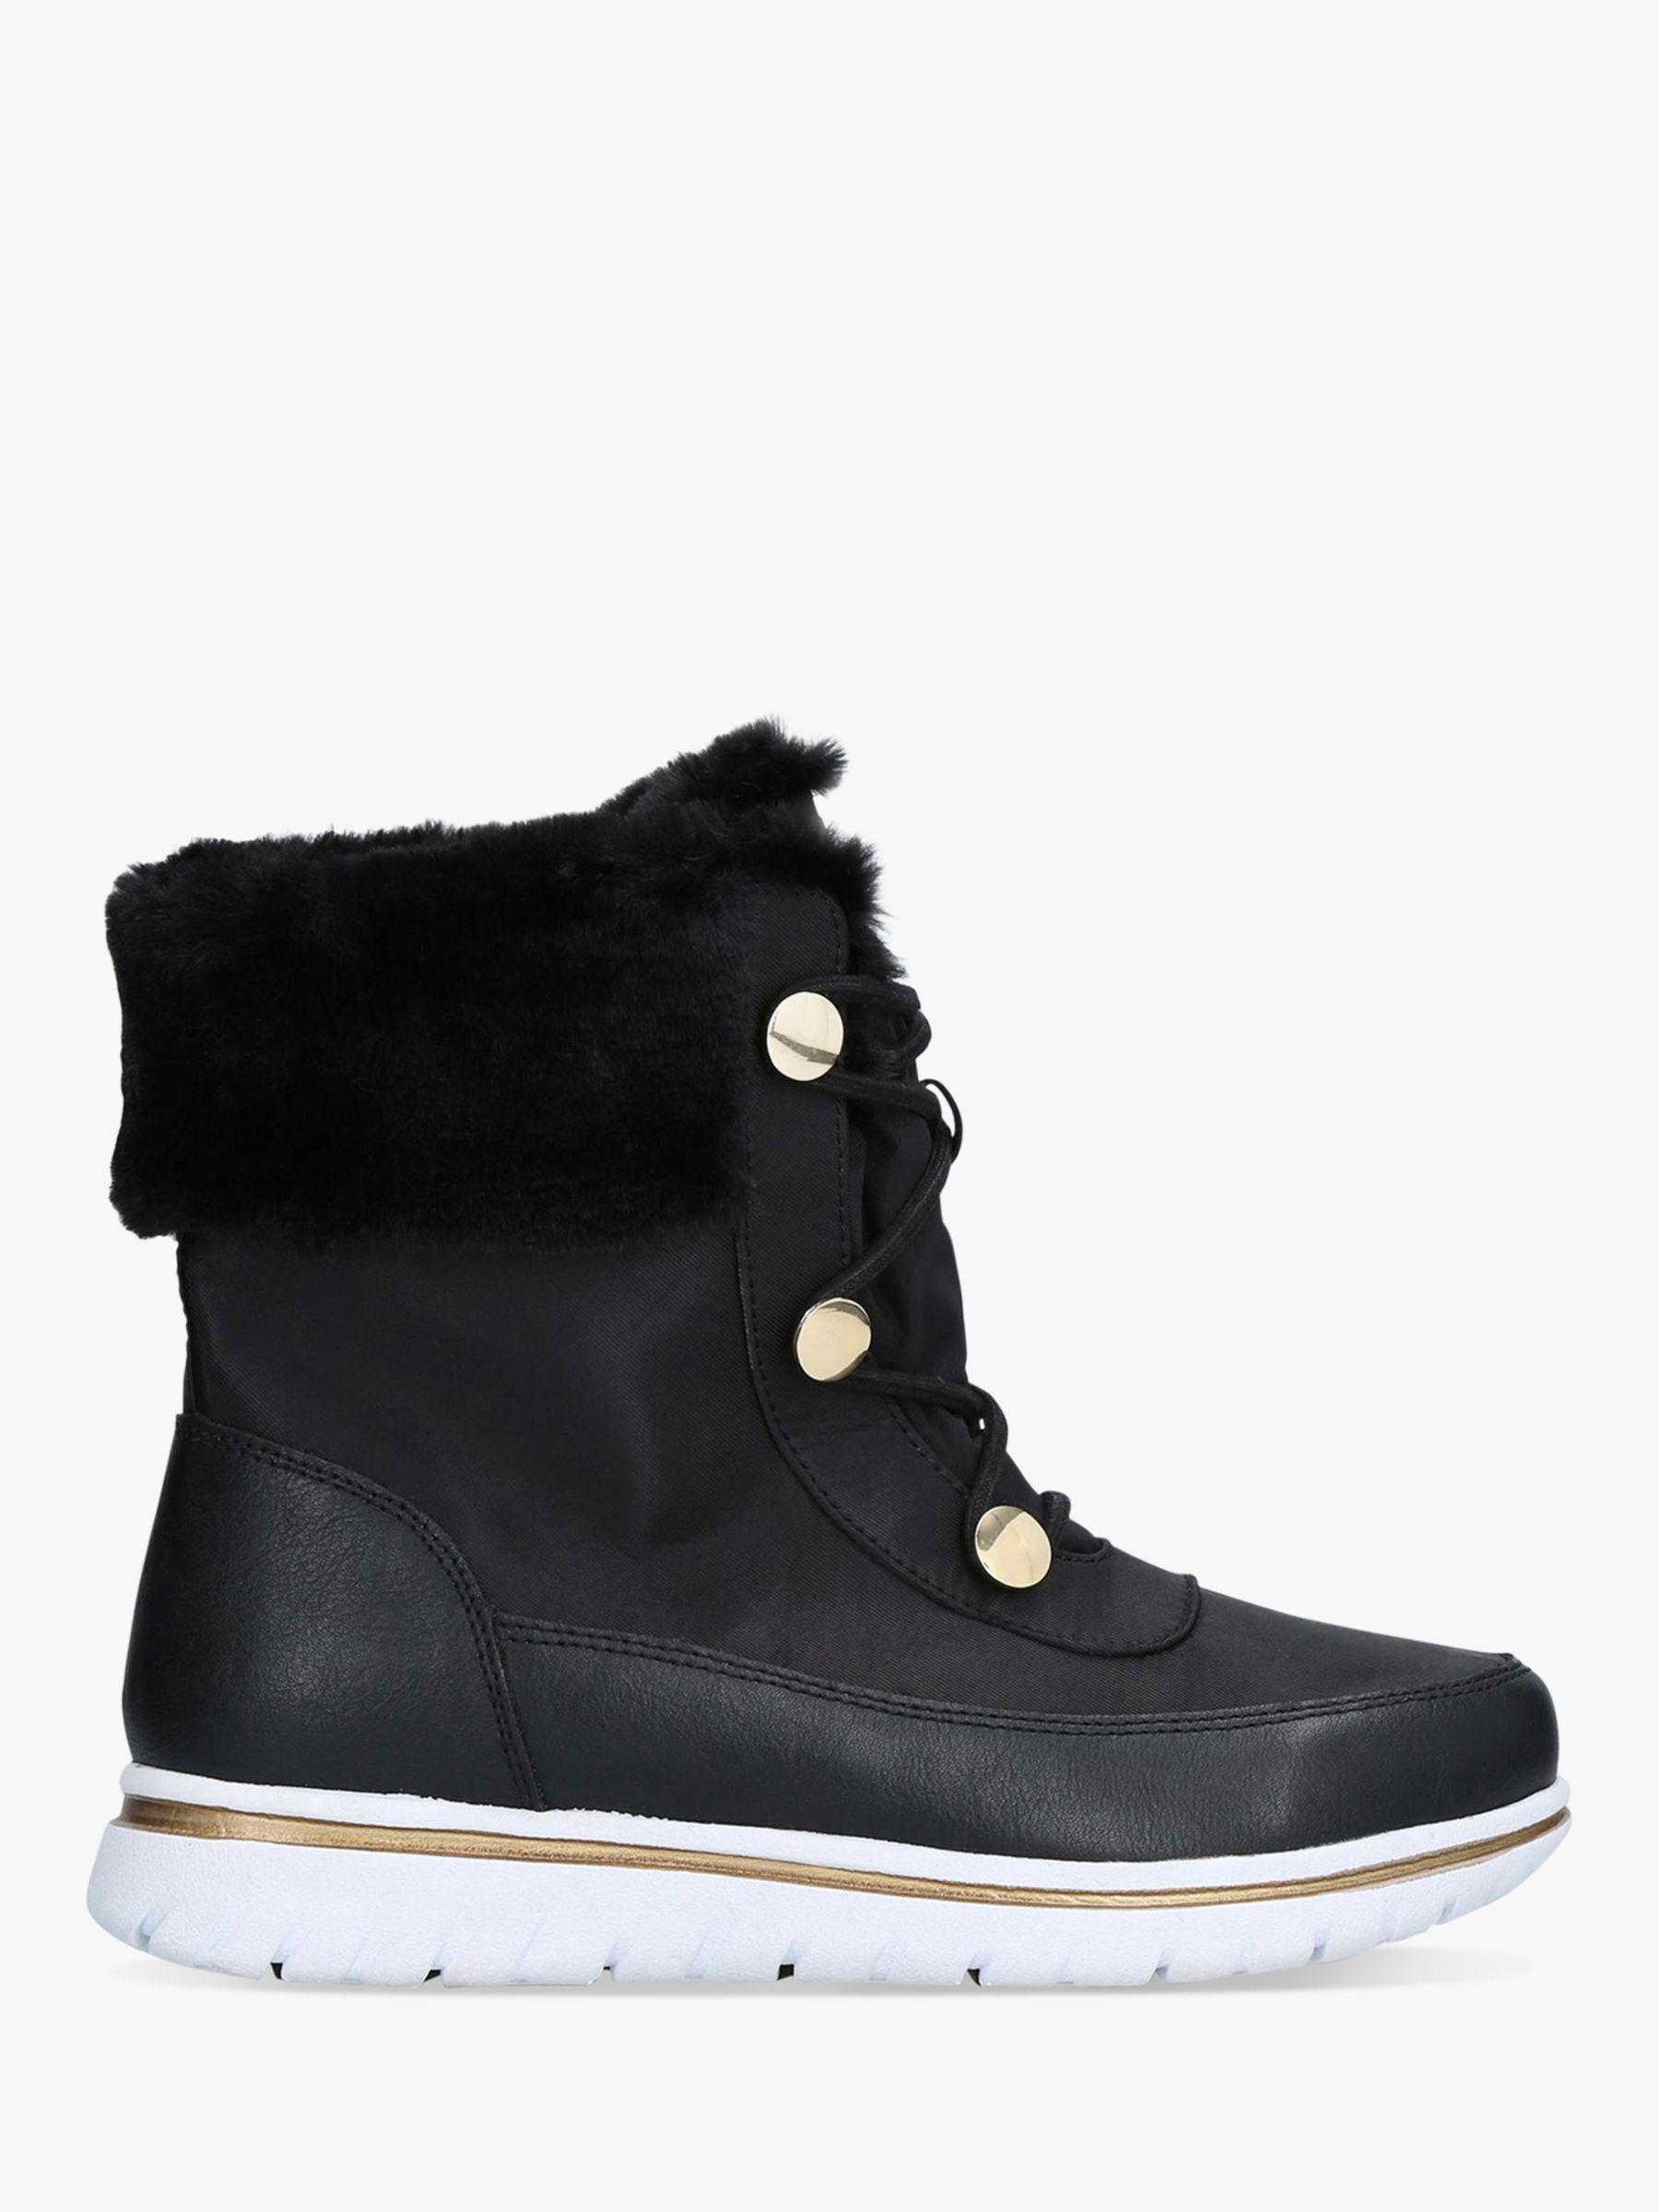 Carvela Comfort Carvela Comfort Randy Ankle Boots, Black